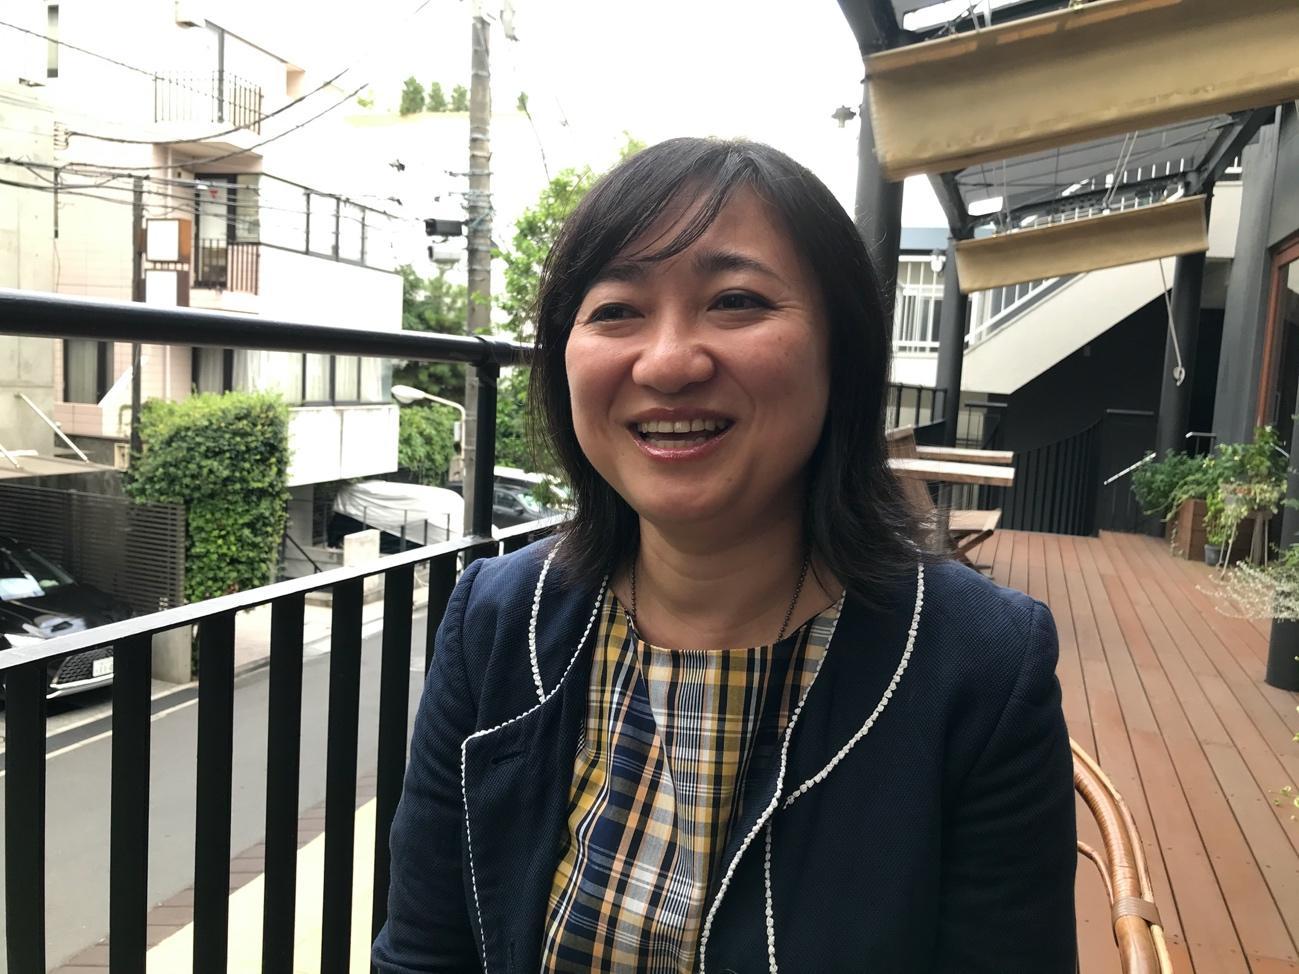 運動会屋の鈴木さんの写真